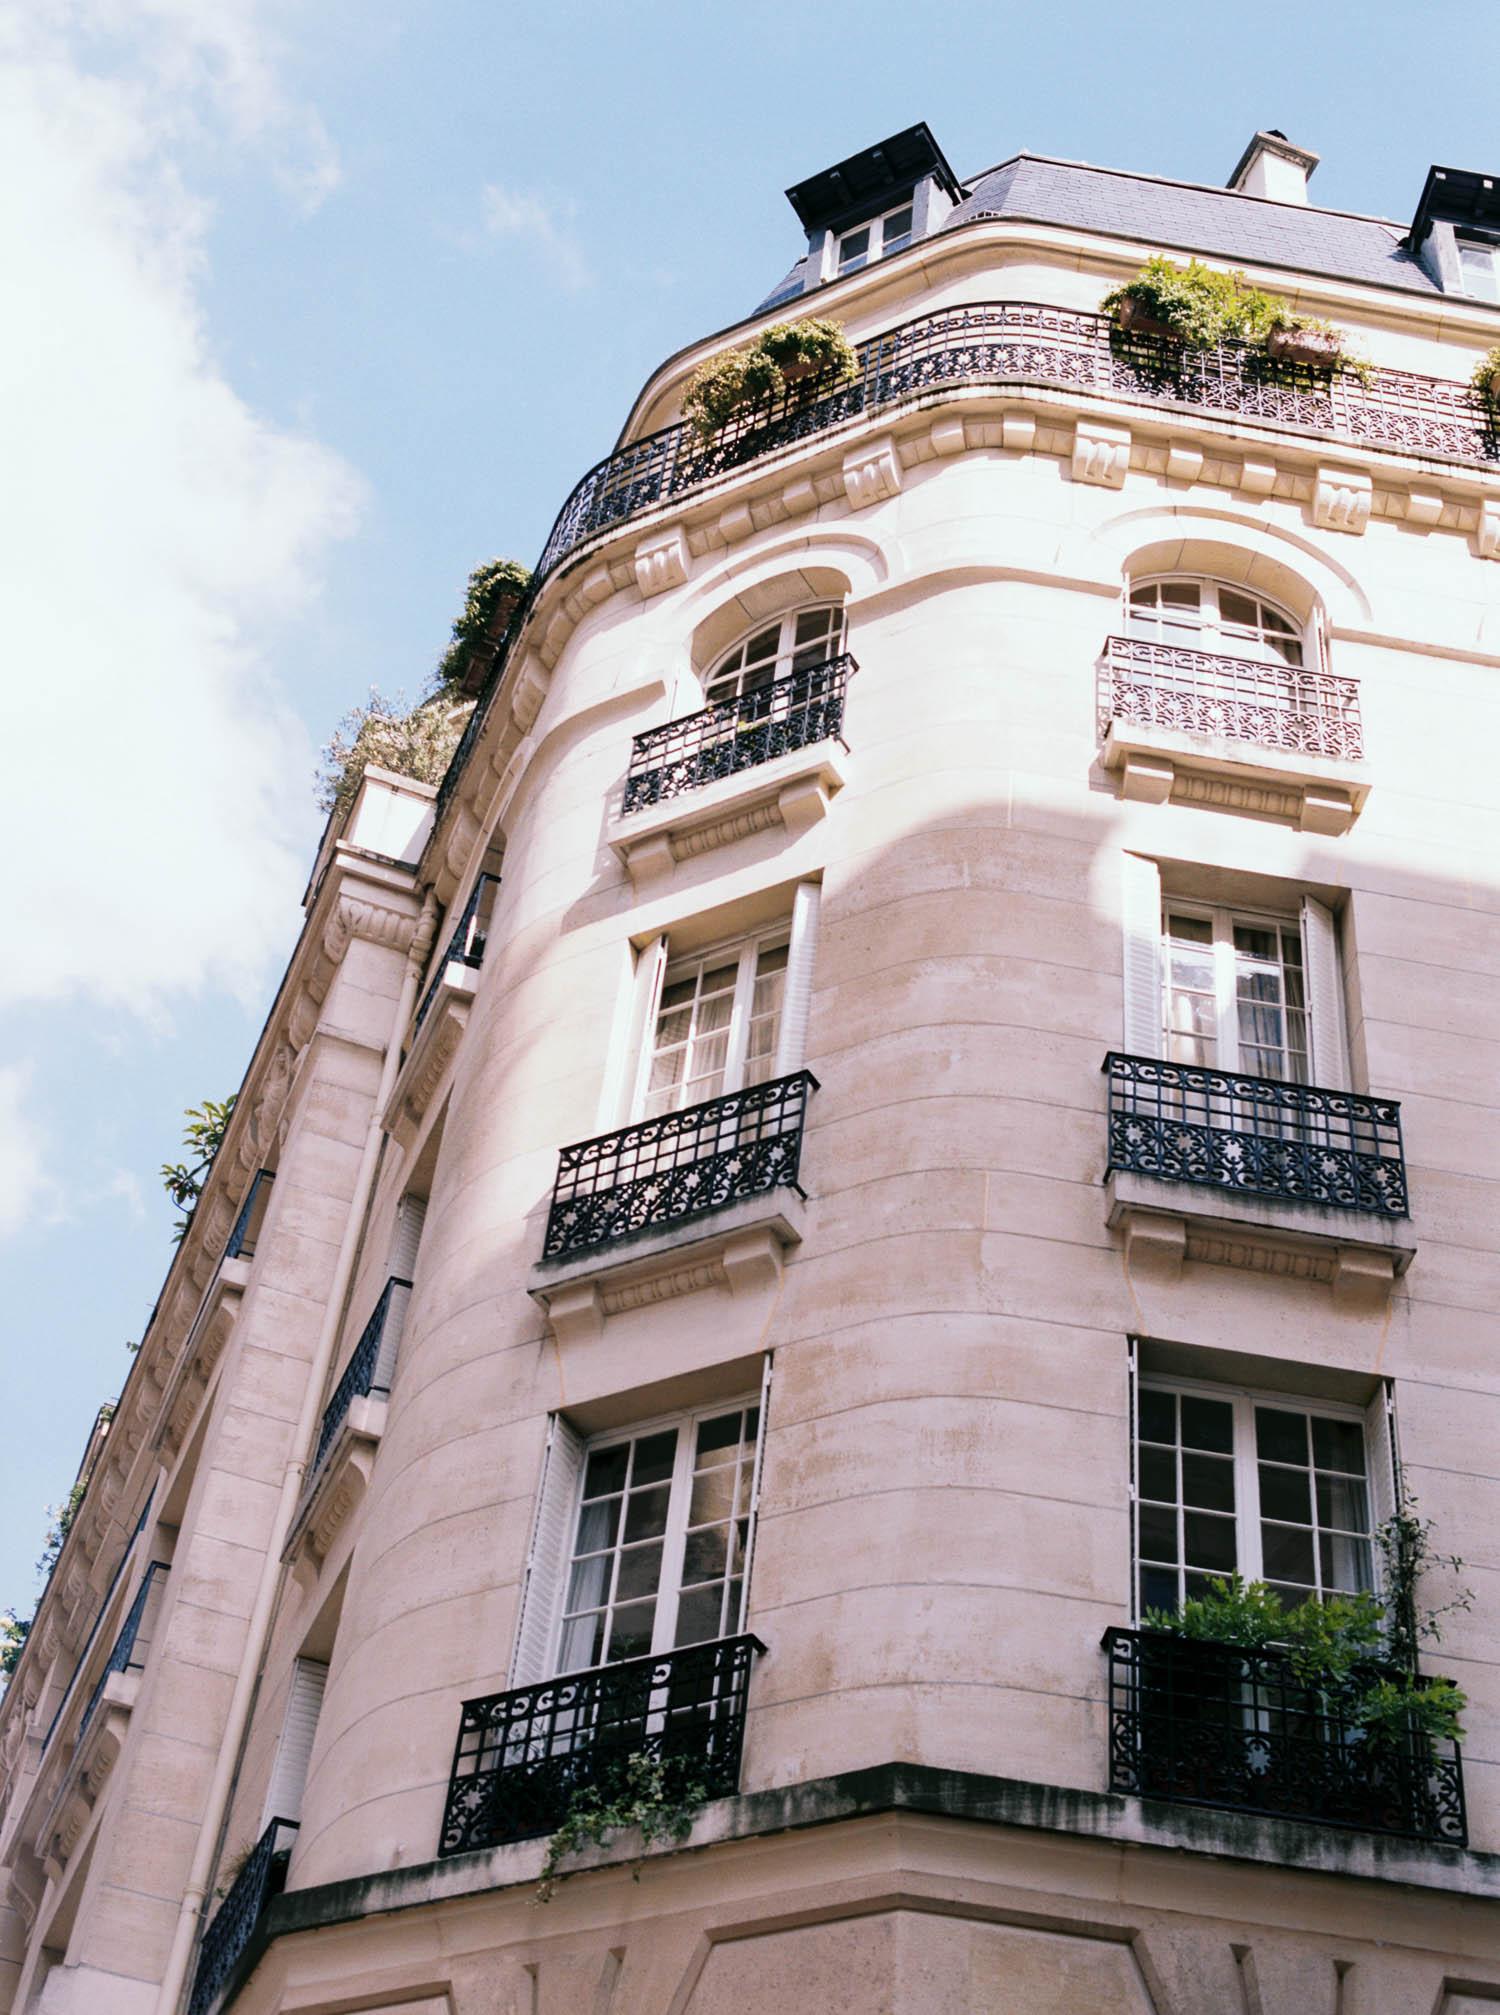 Parisfilm_0009.jpg